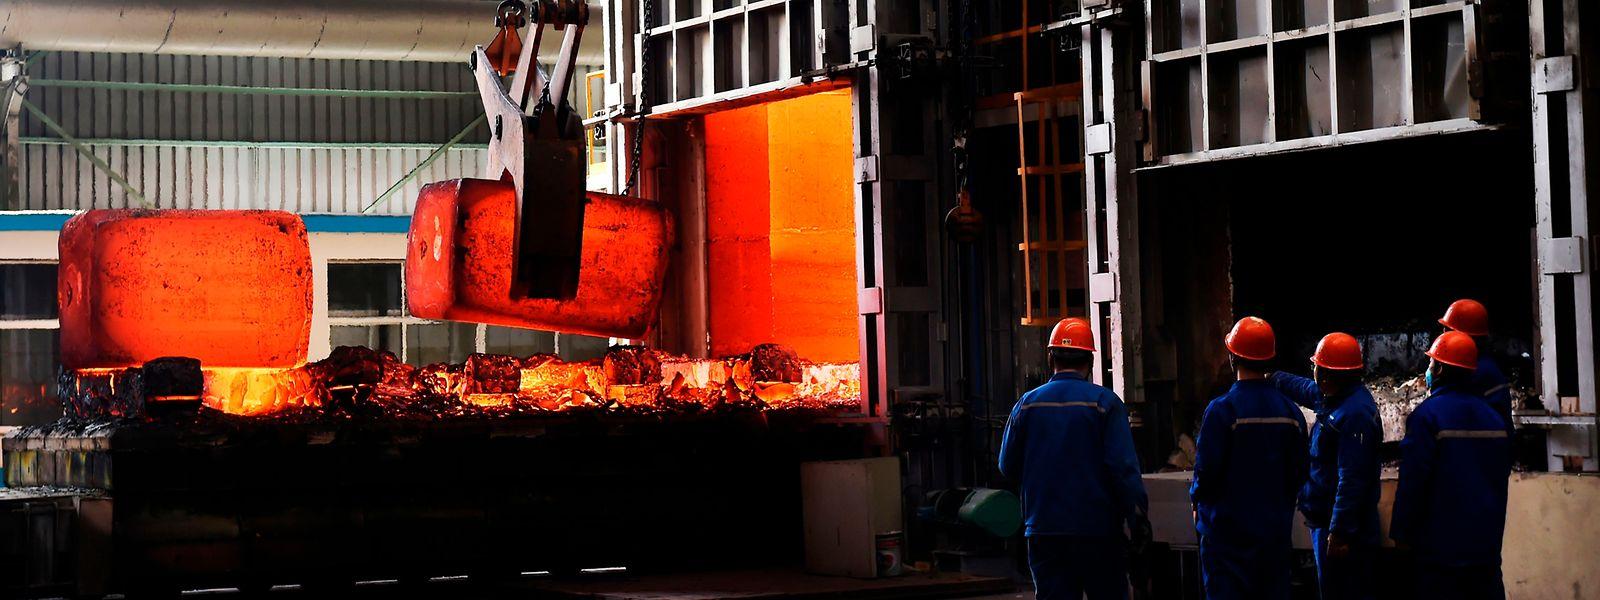 Trump hatte vor zwei Wochen umfassende Einfuhrzölle auf Stahl in Höhe von 25 Prozent und auf Aluminium in Höhe von 10 Prozent verhängt.